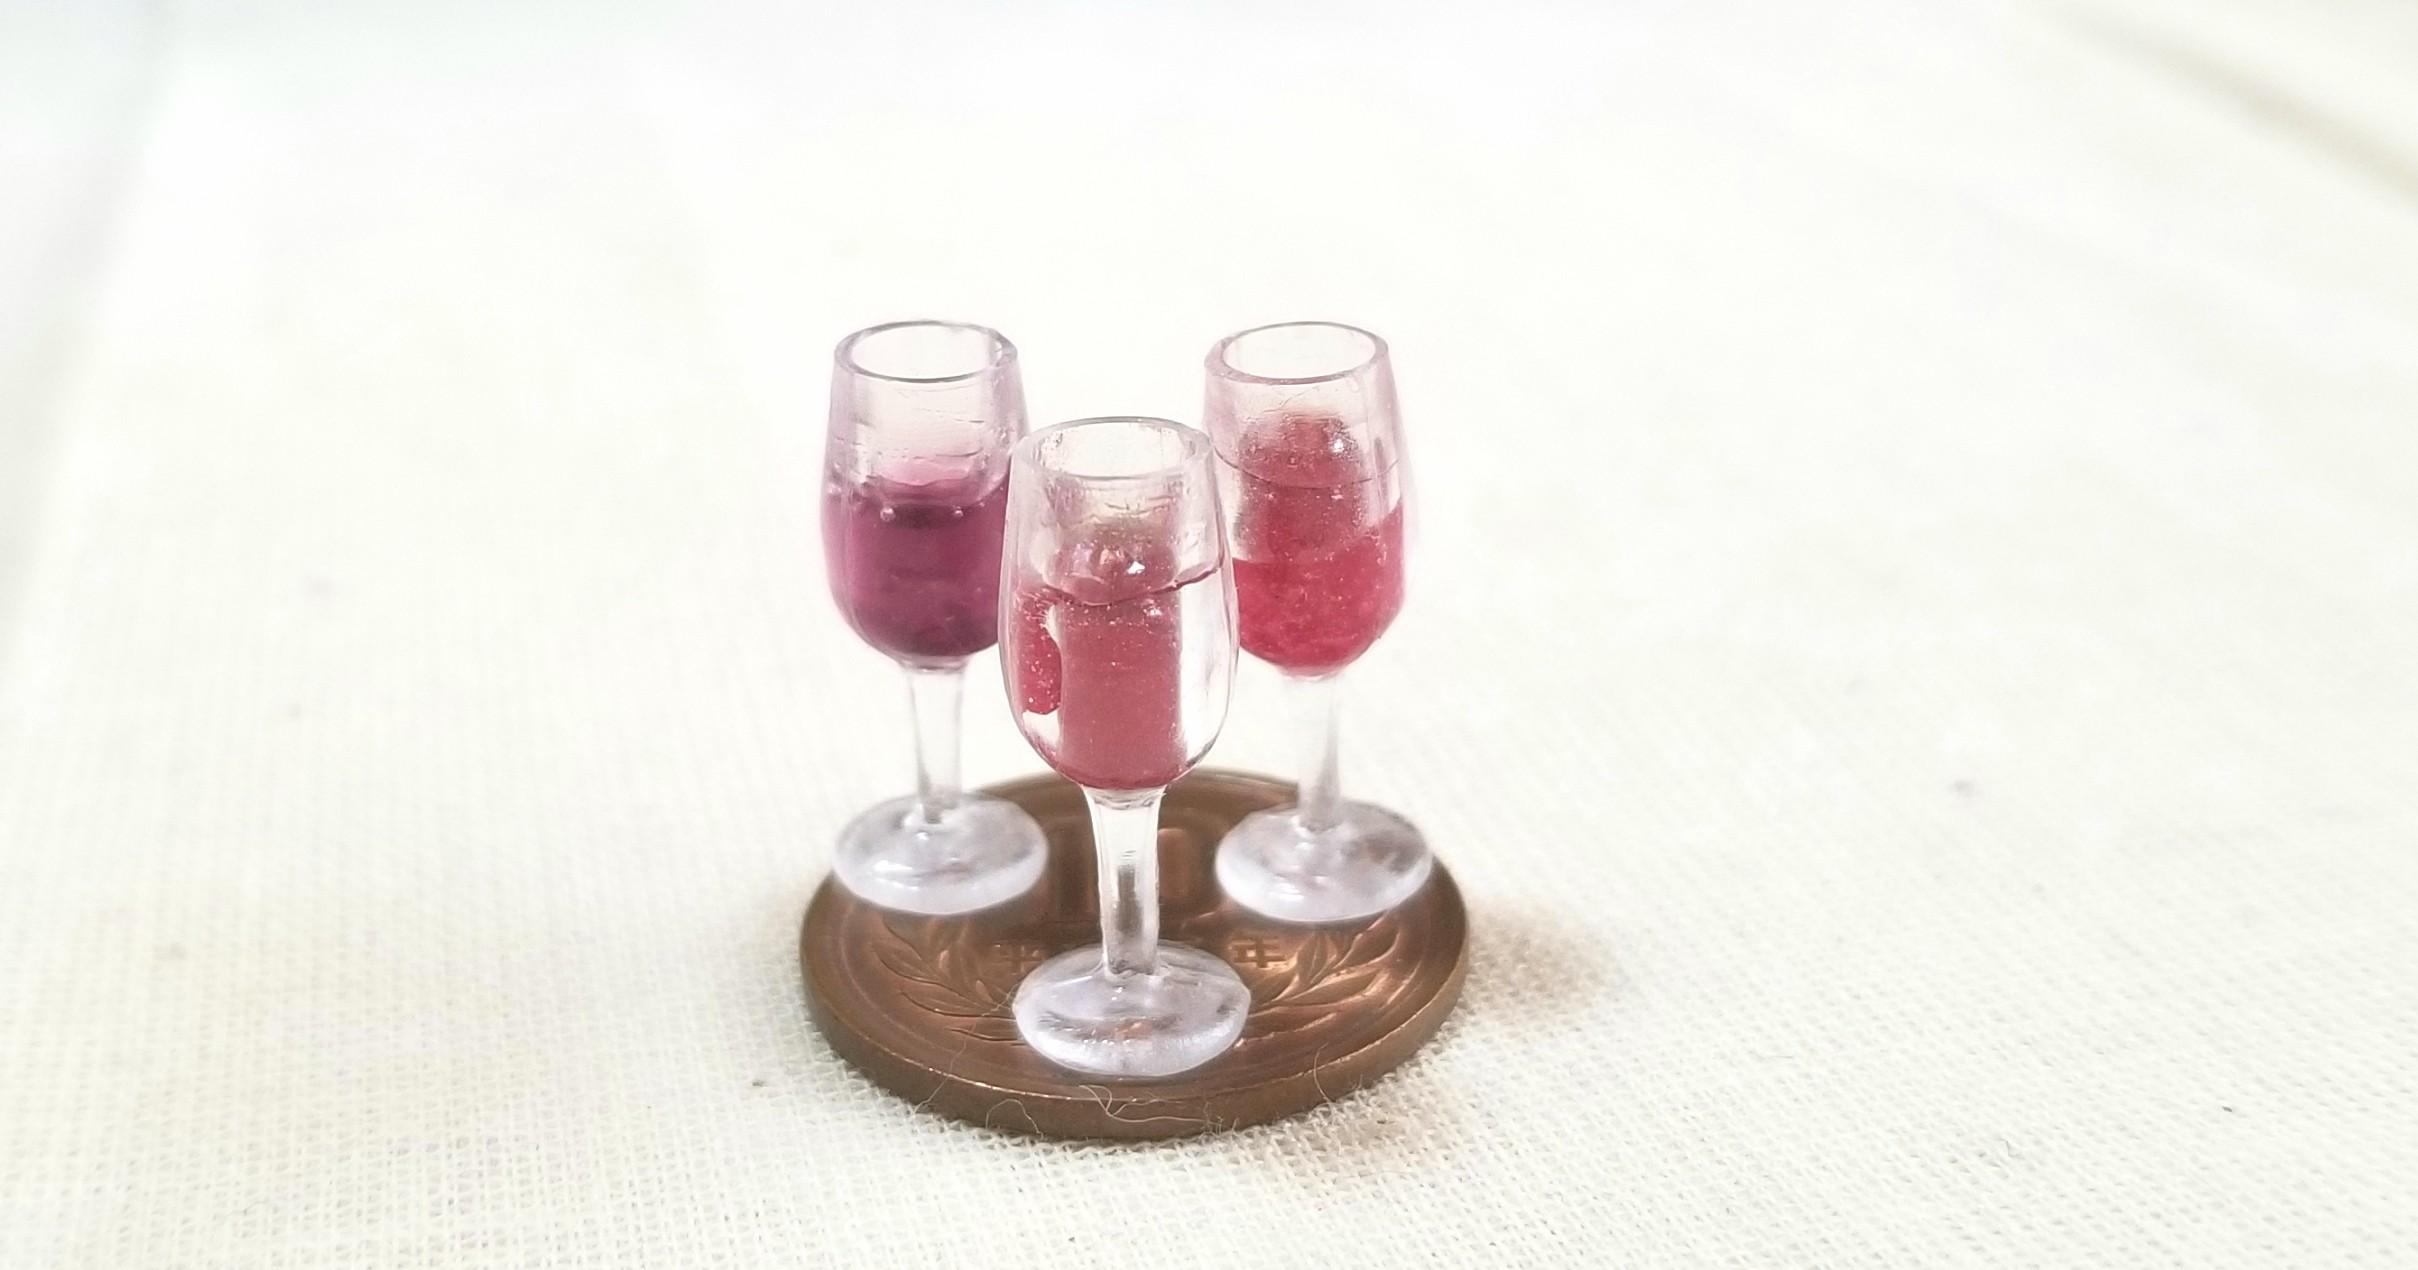 訳あり商品,SALE,赤ワイン,値引き,ミニチュアフード,ミンネで販売中